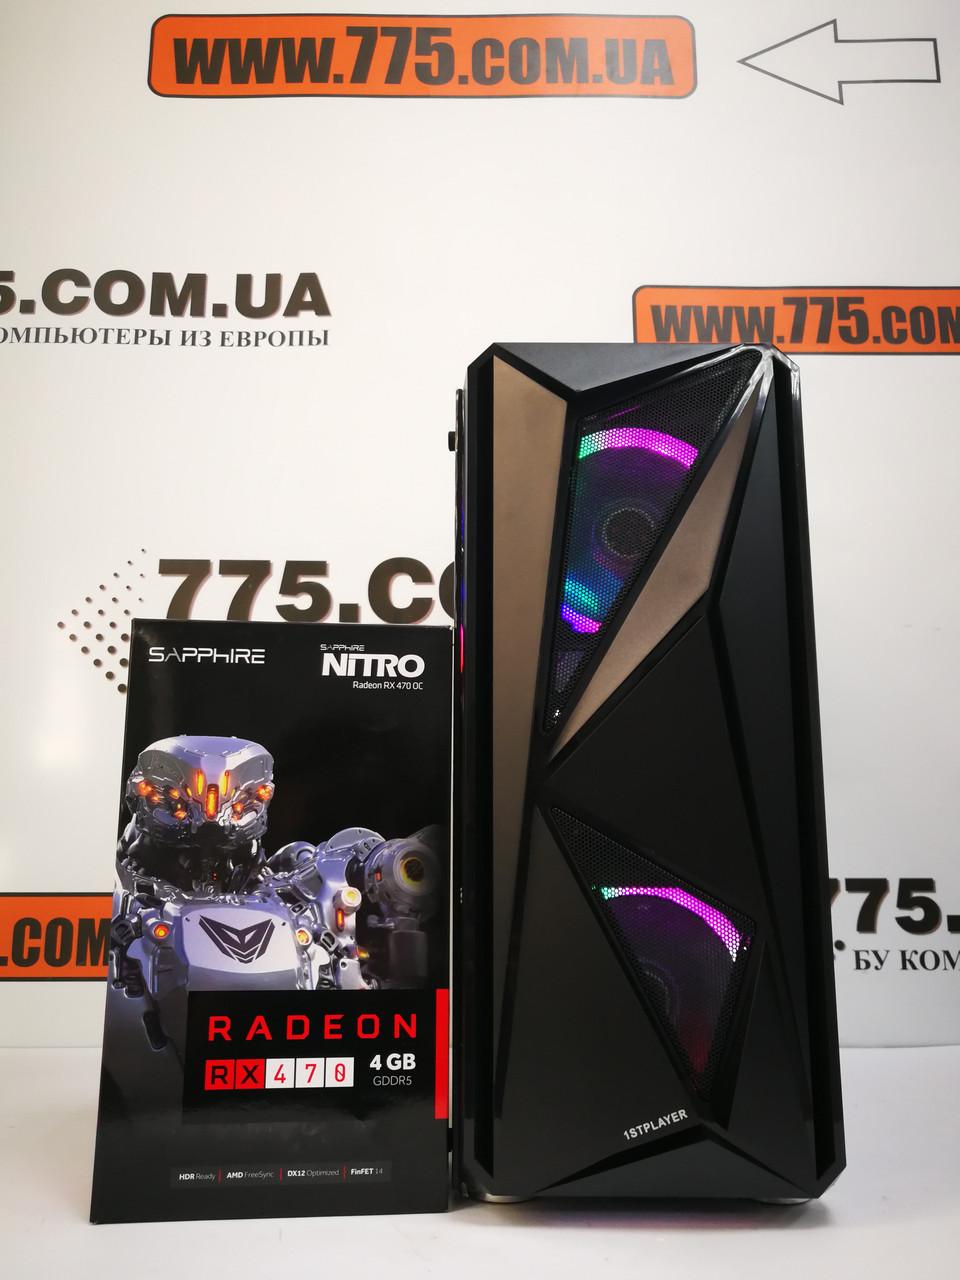 Игровой компьютер, Intel Core i5-2400 3.4GHz, RAM 8ГБ, SSD 120ГБ, HDD 500ГБ, RX 470 4ГБ